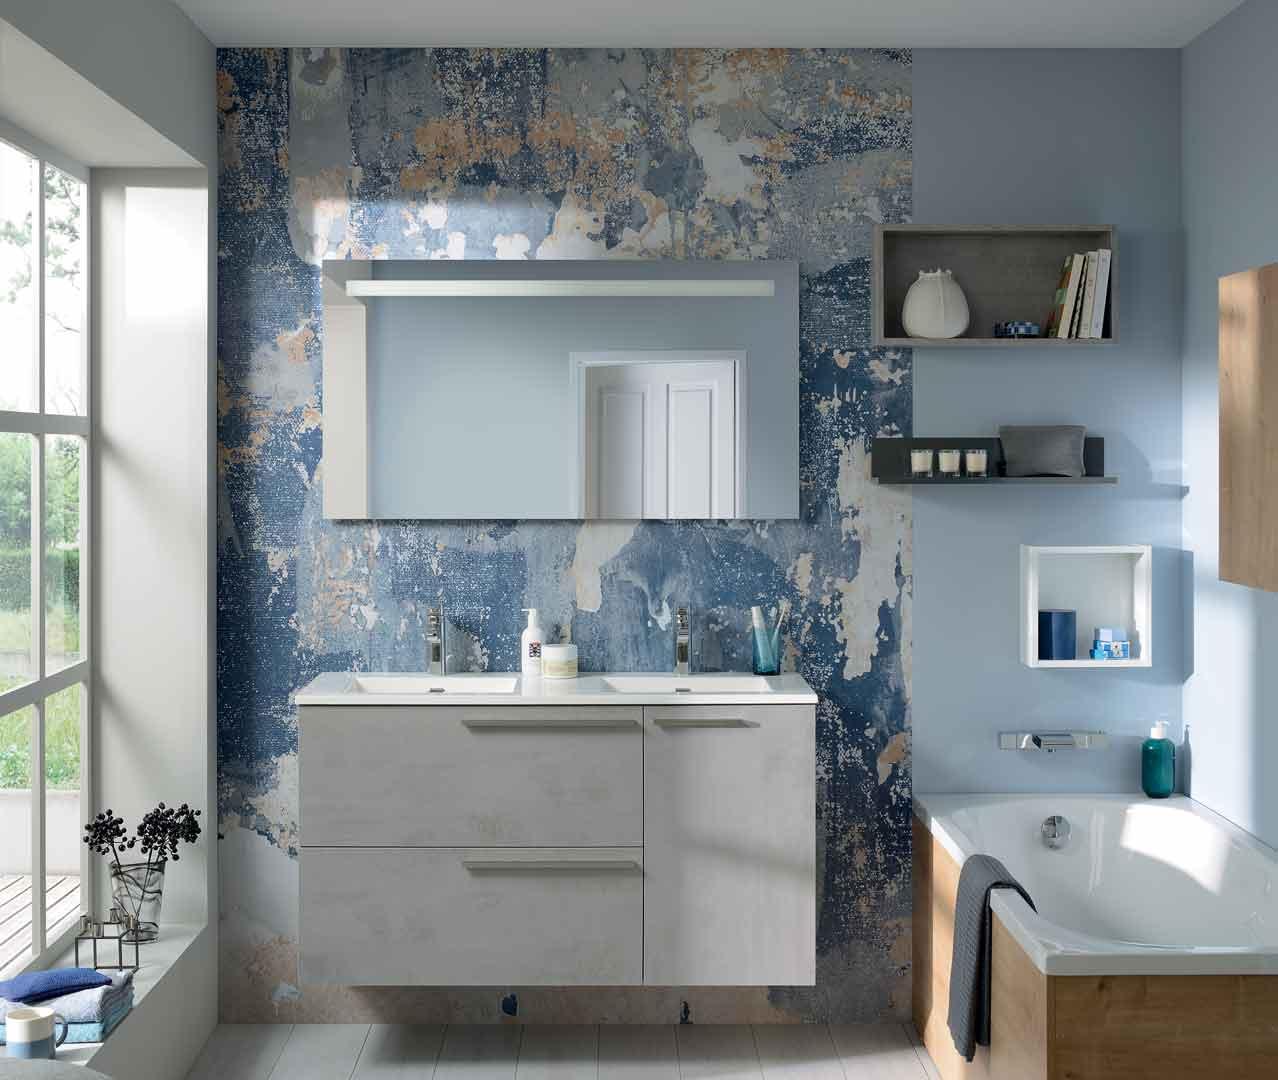 Meuble Salle De Bain Largeur 100 gamme liberty, meuble salle de bain tendance - sanijura